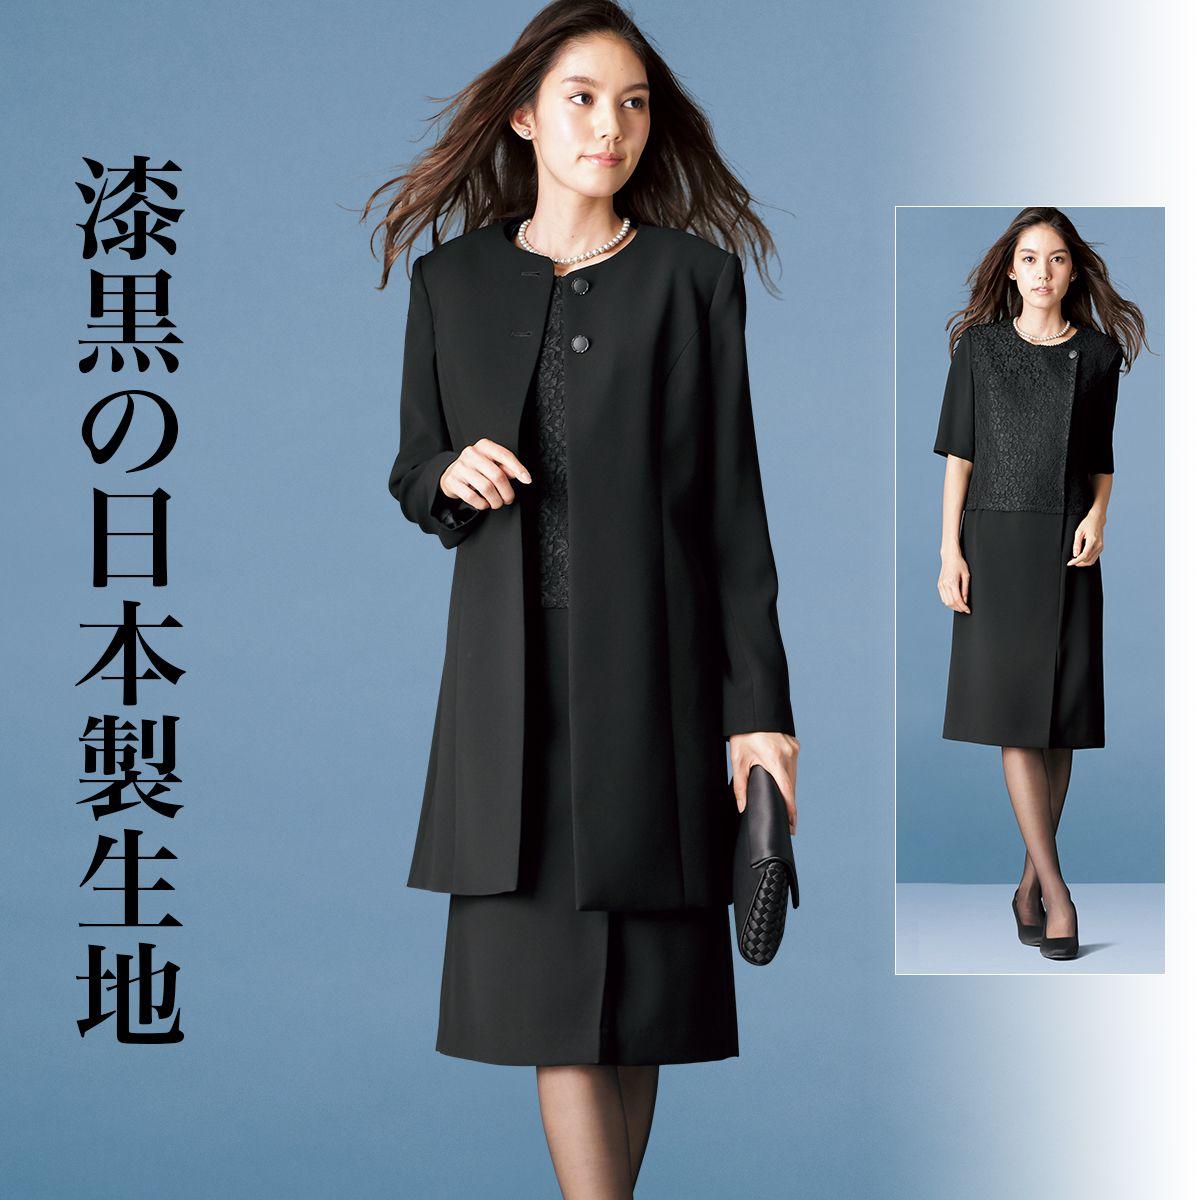 e859c1848cfaea 日本製生地ロングジャケットアンサンブル(ジャケット+5分袖ワンピース) 通販 【ニッセン